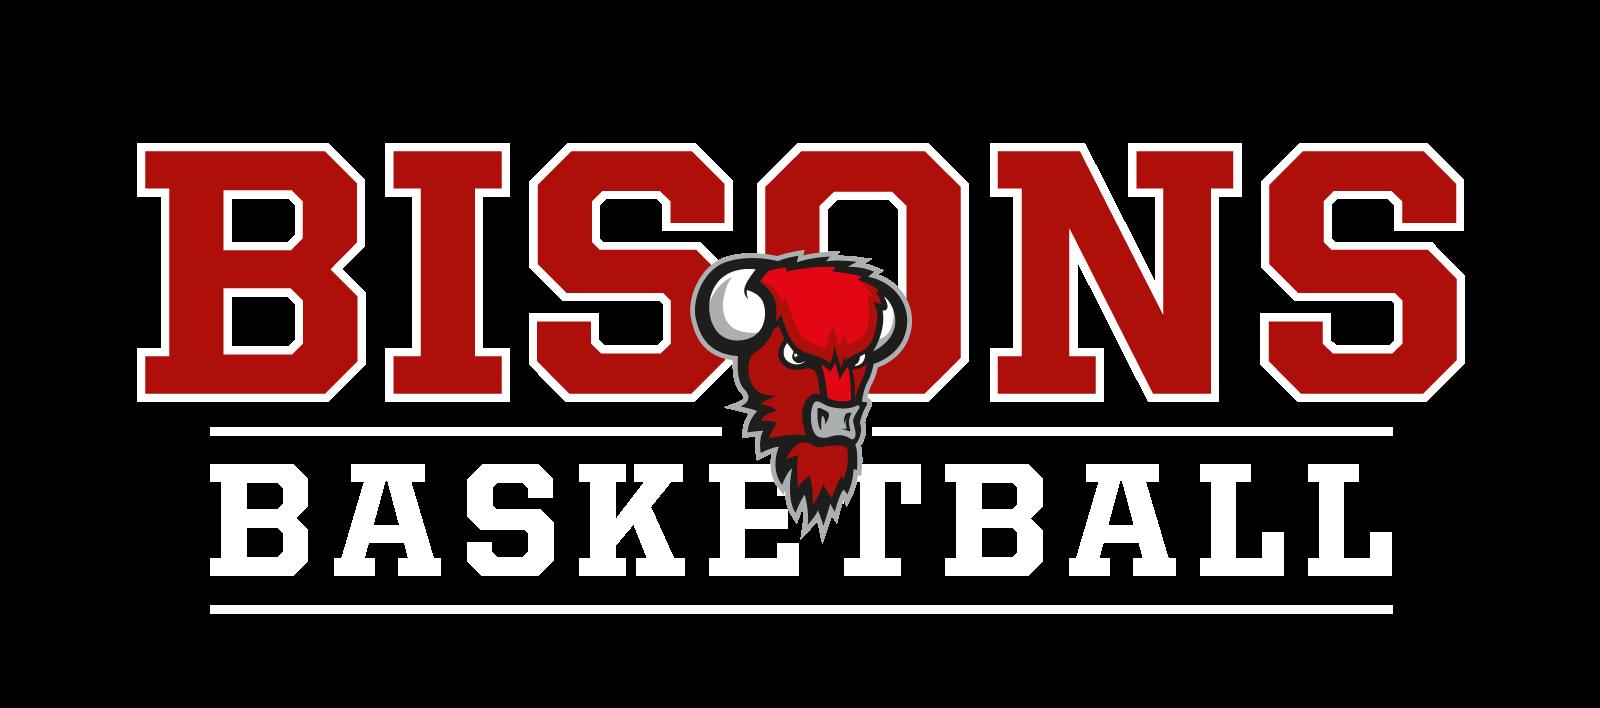 bisonsbasketball_viivat_puna.png